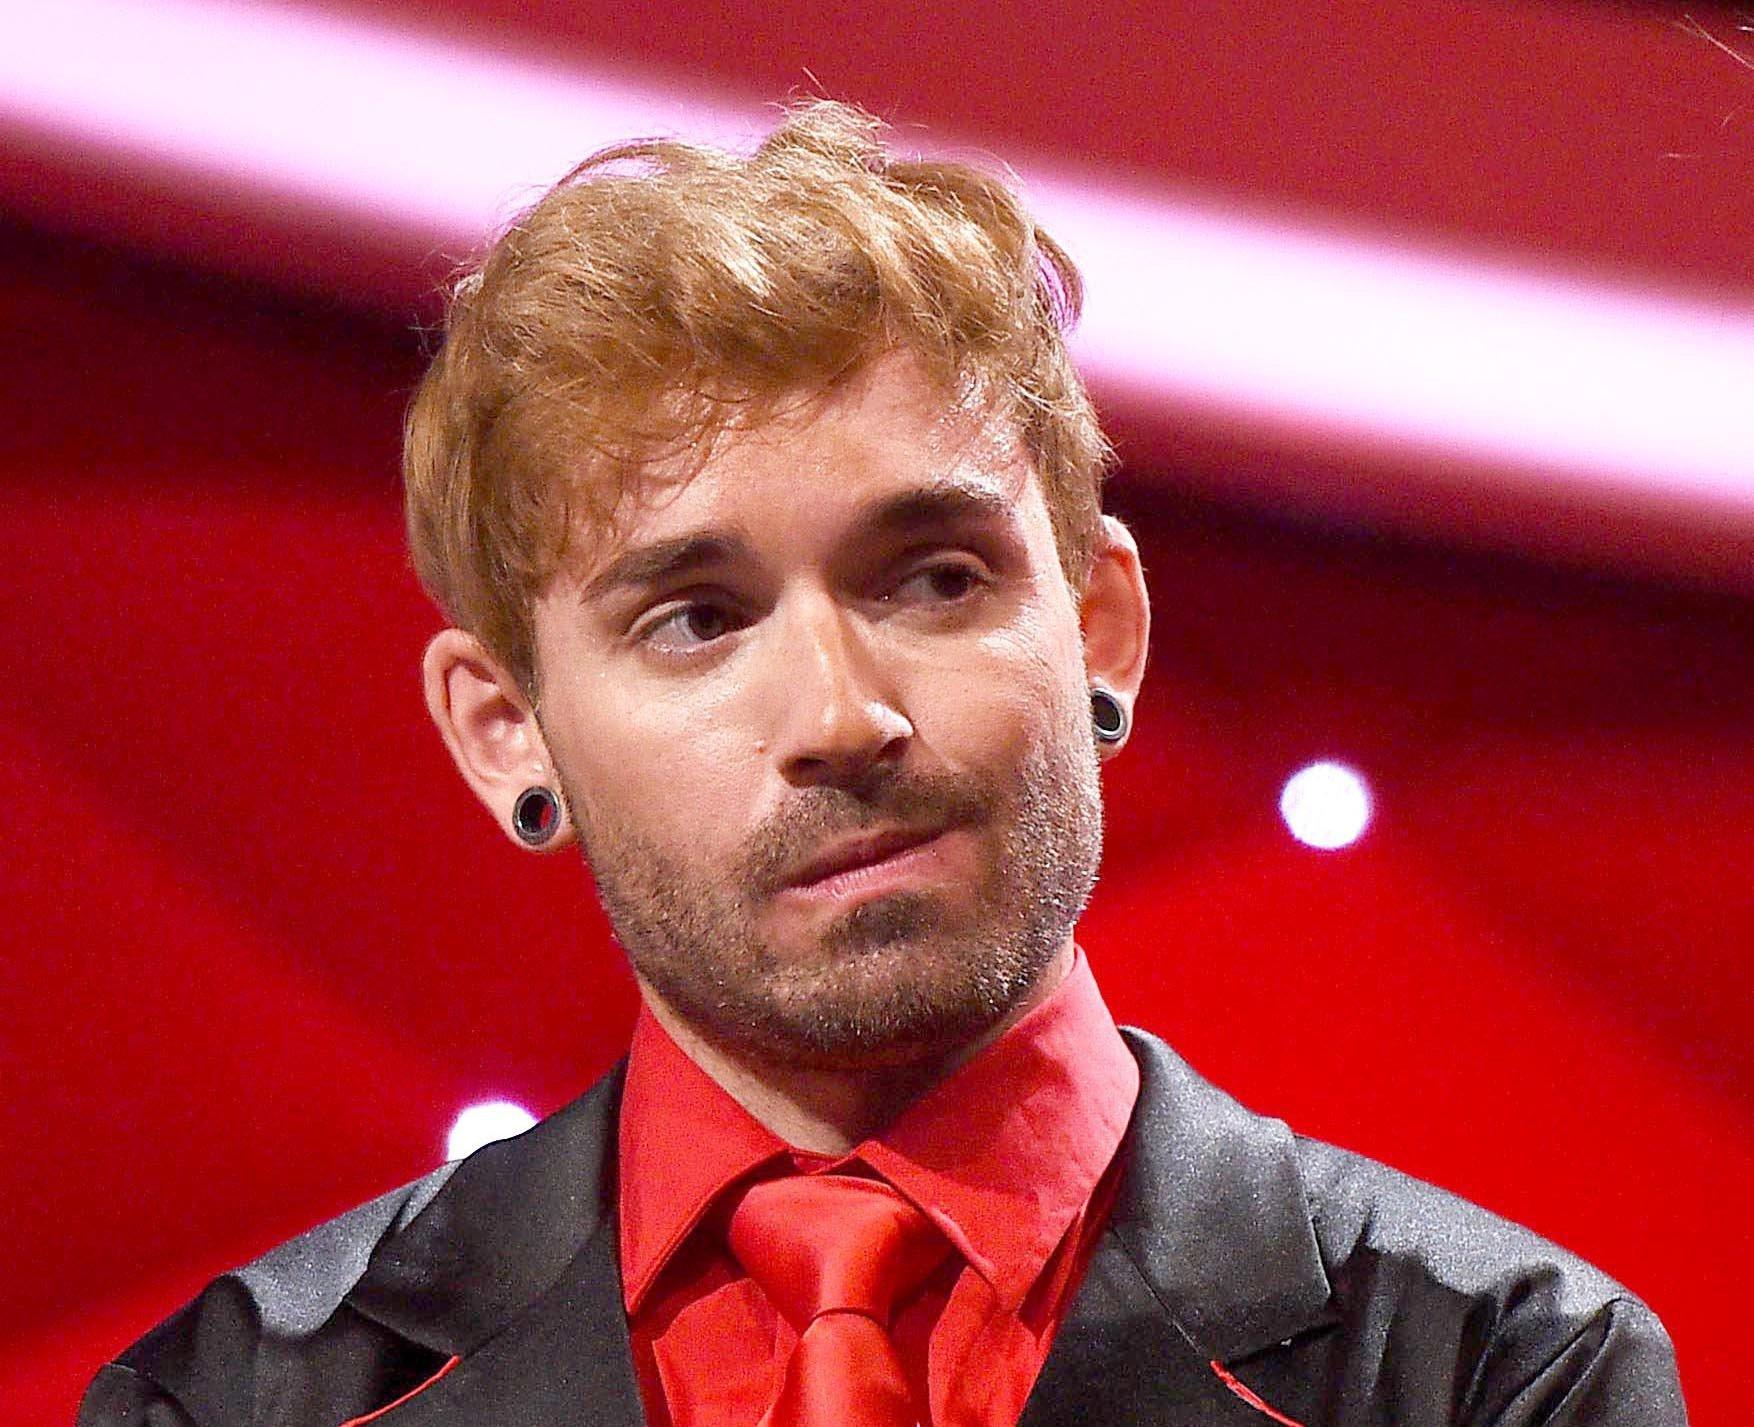 Daniel Küblböck: Anwalt erklärt, was passiert, wenn Sänger nicht gefunden